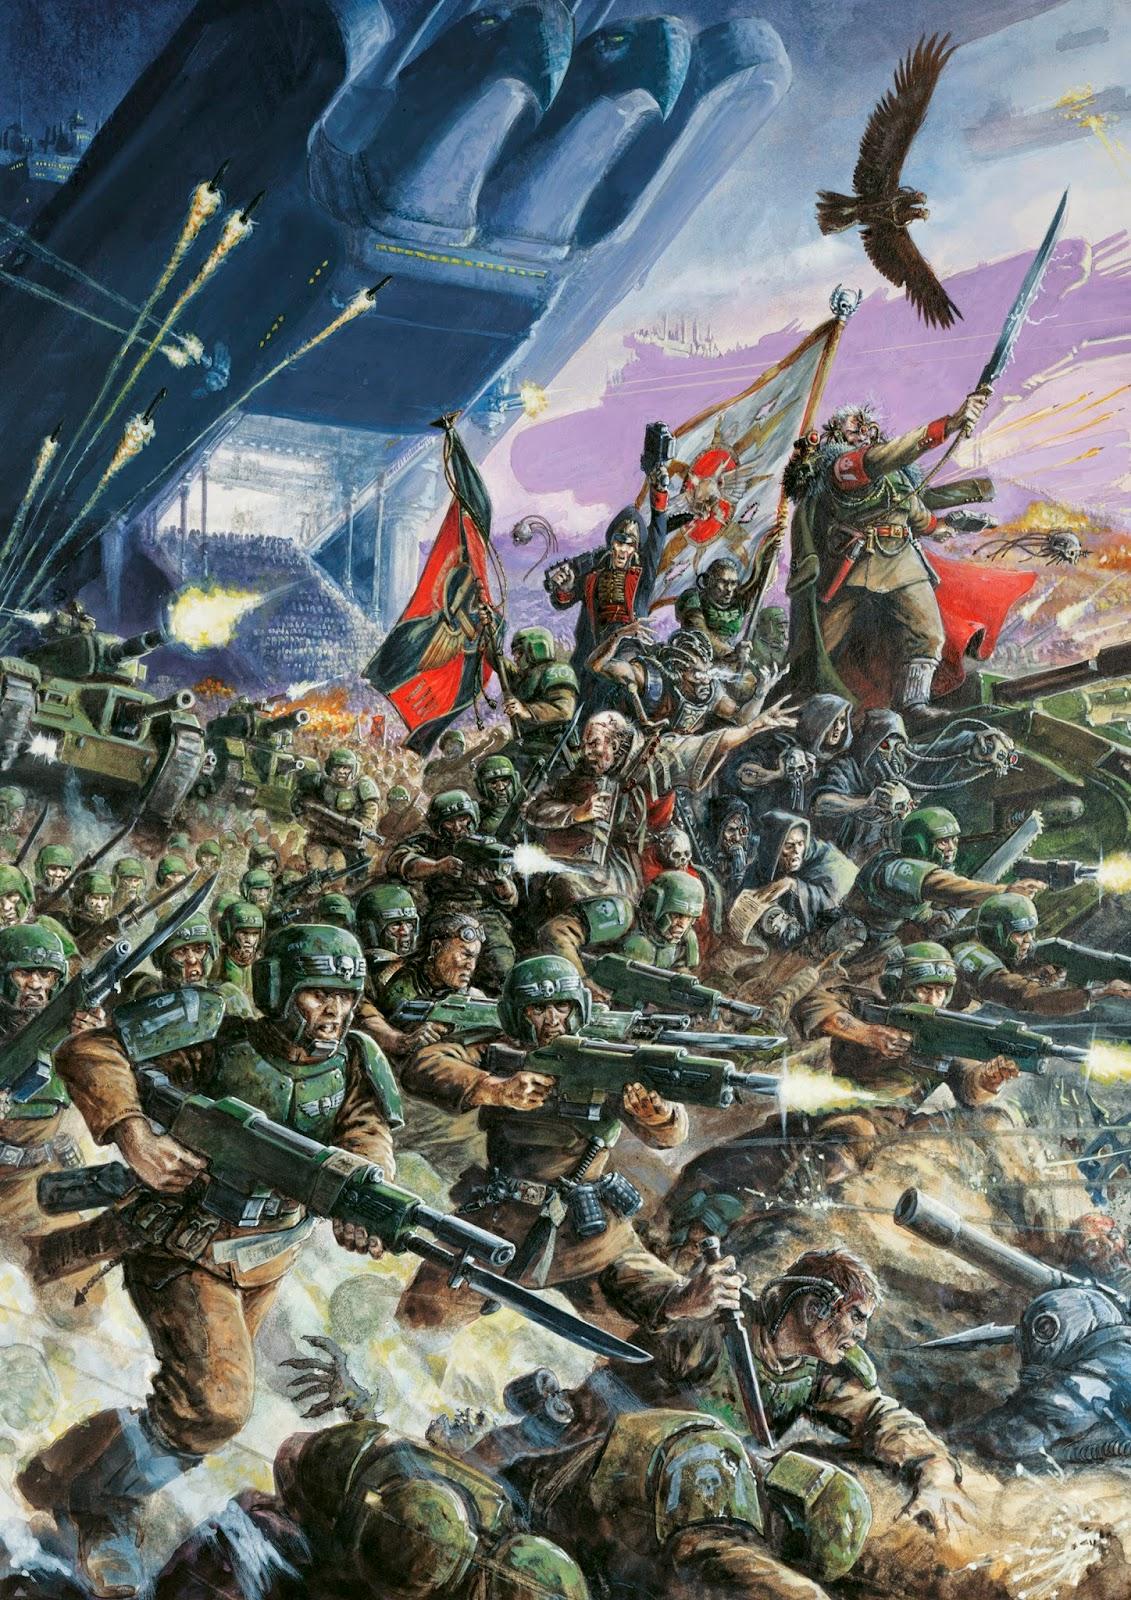 La Guardia Imperial de Cadia